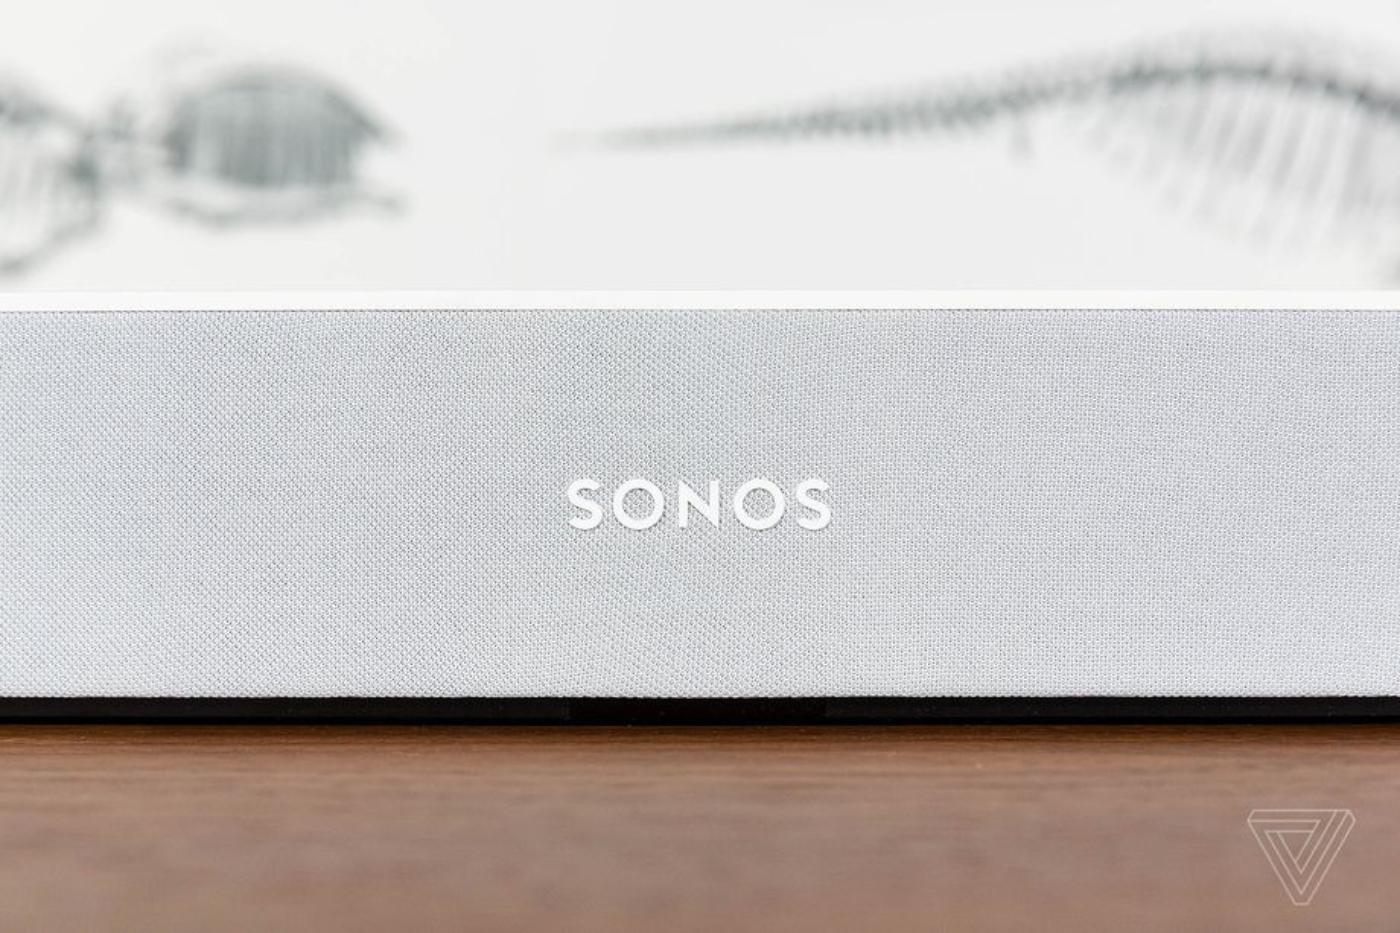 Sonos travaille sur un casque audio